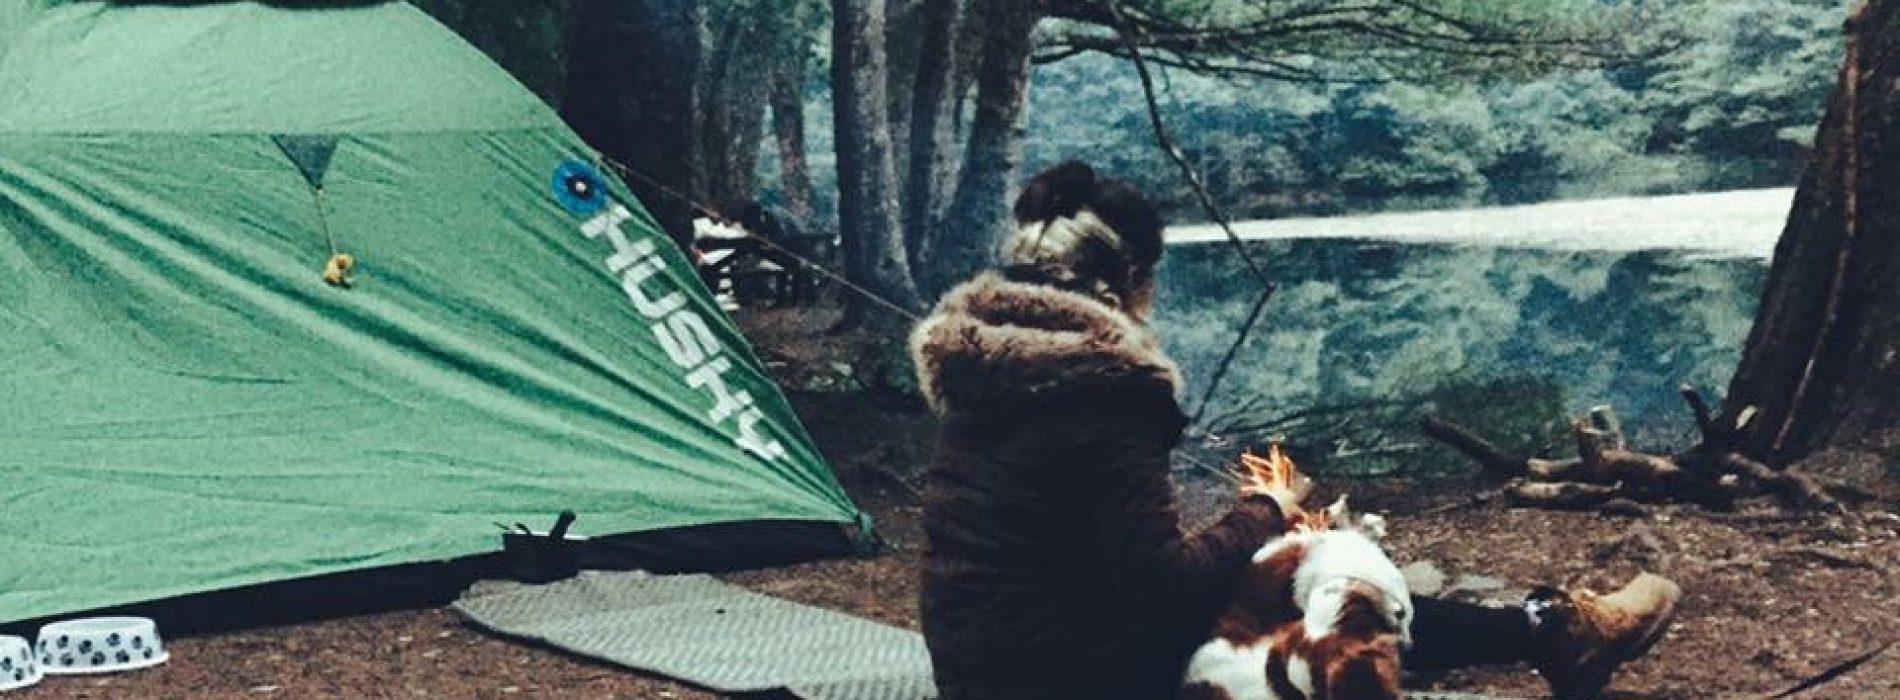 Bir WoodStock olmasa da en güzel fotoğraflarıyla YedigöllerRail2  kampımız